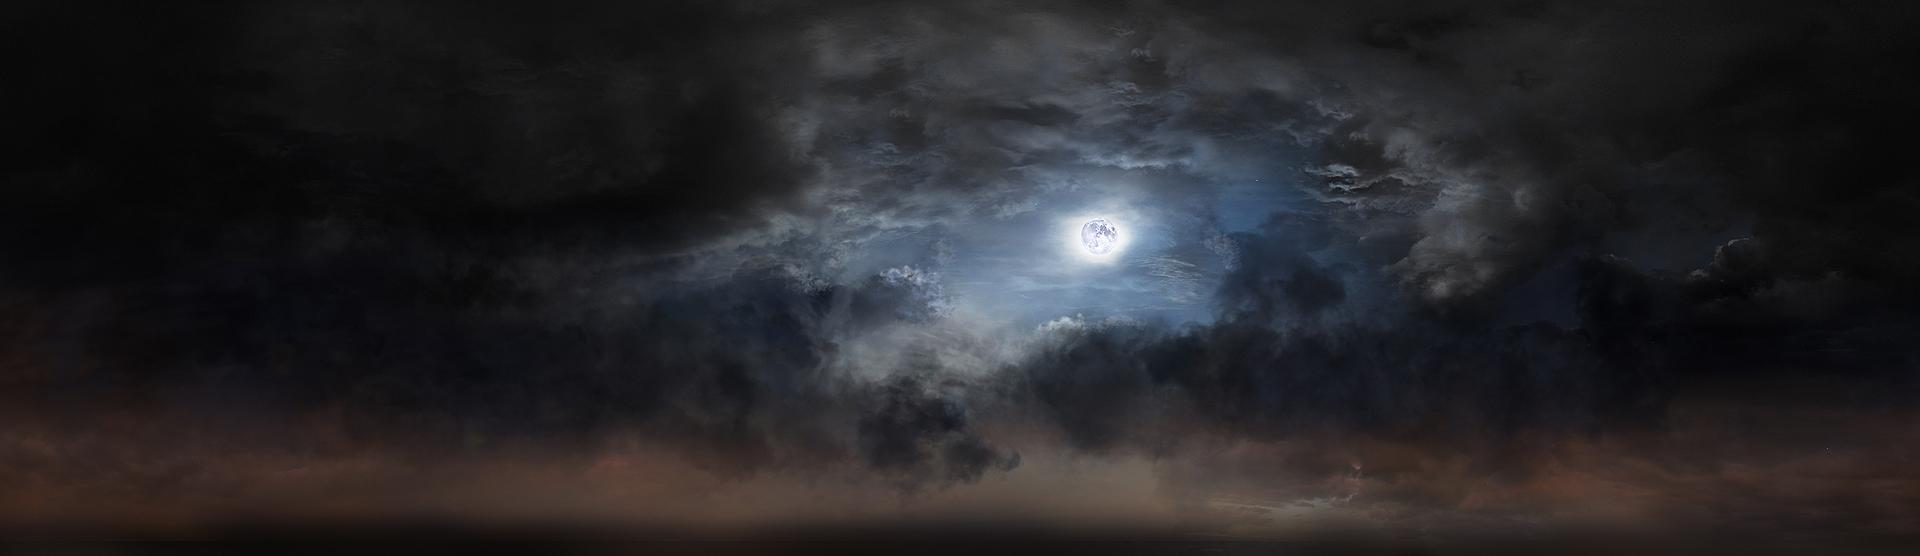 Moon Light Sky Matte by rich35211 on DeviantArt